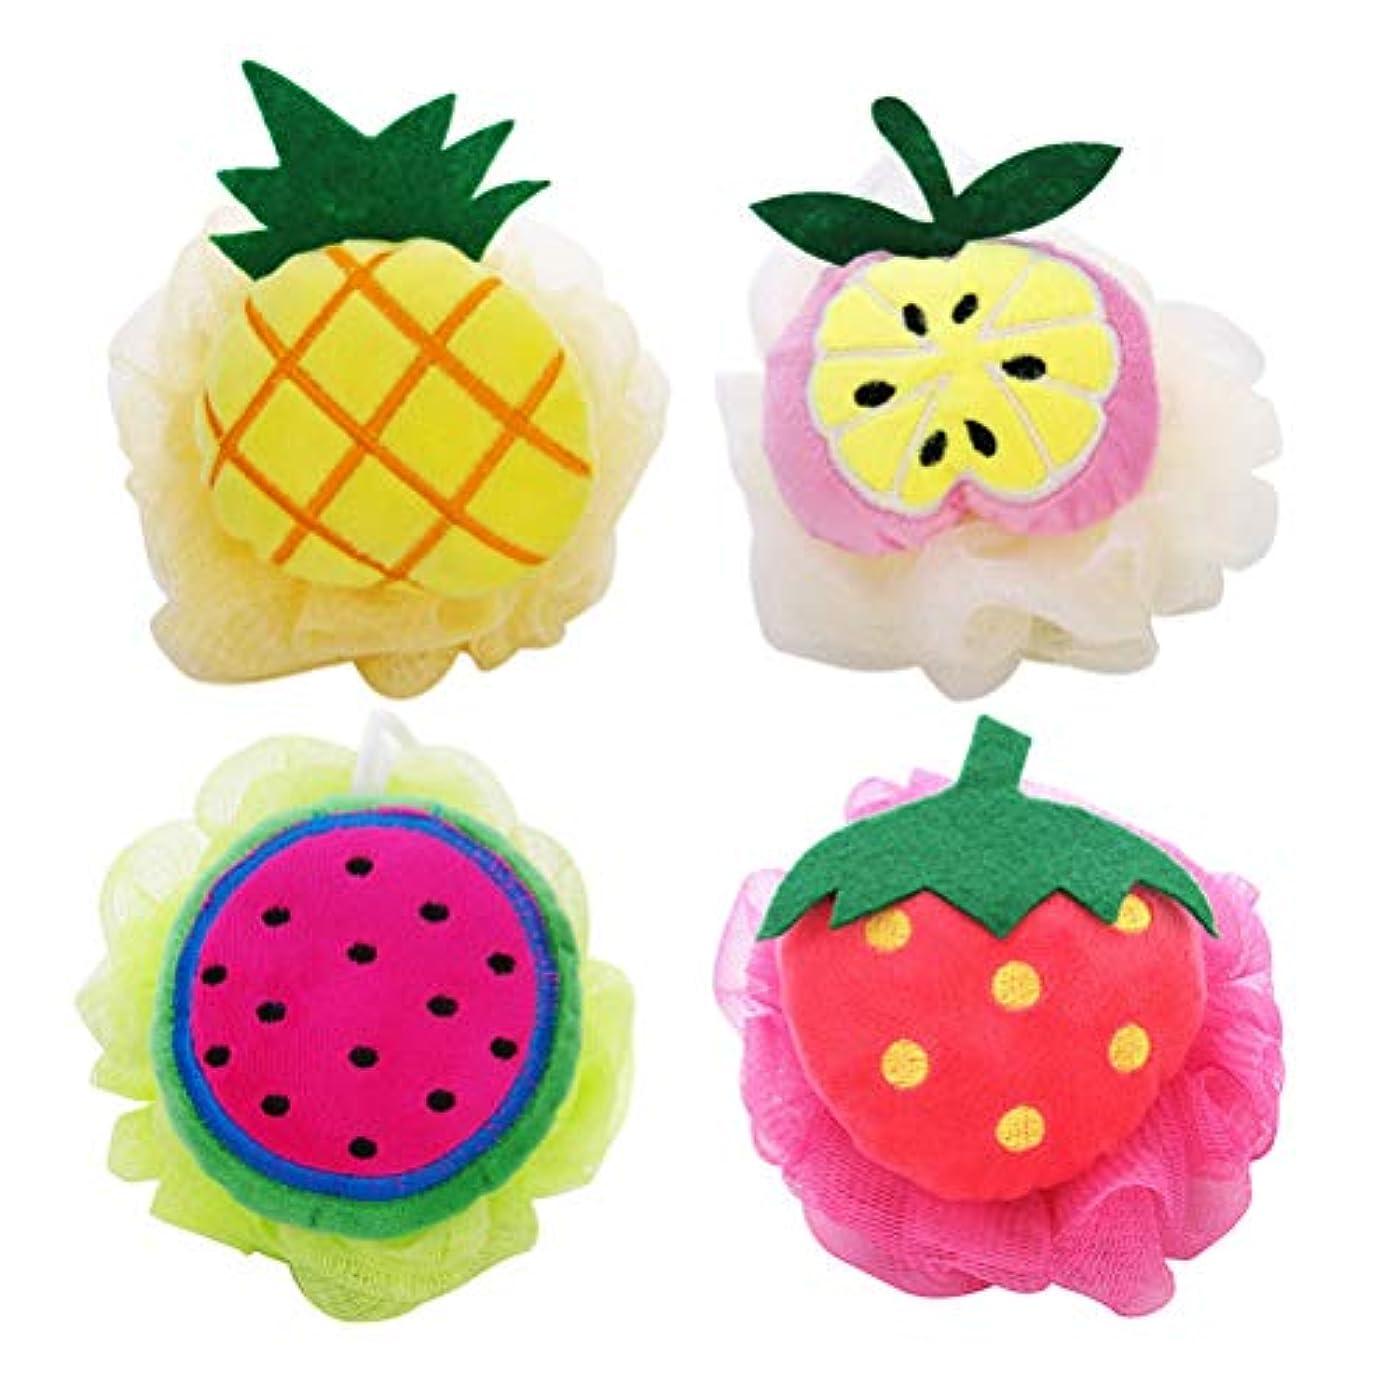 泥だらけマスタード機知に富んだHealifty 4本 シャワーボール フルーツ ソフトバスボールメッシュスポン 可愛い 子供用(パイナップル スイカ アップル イチゴ)